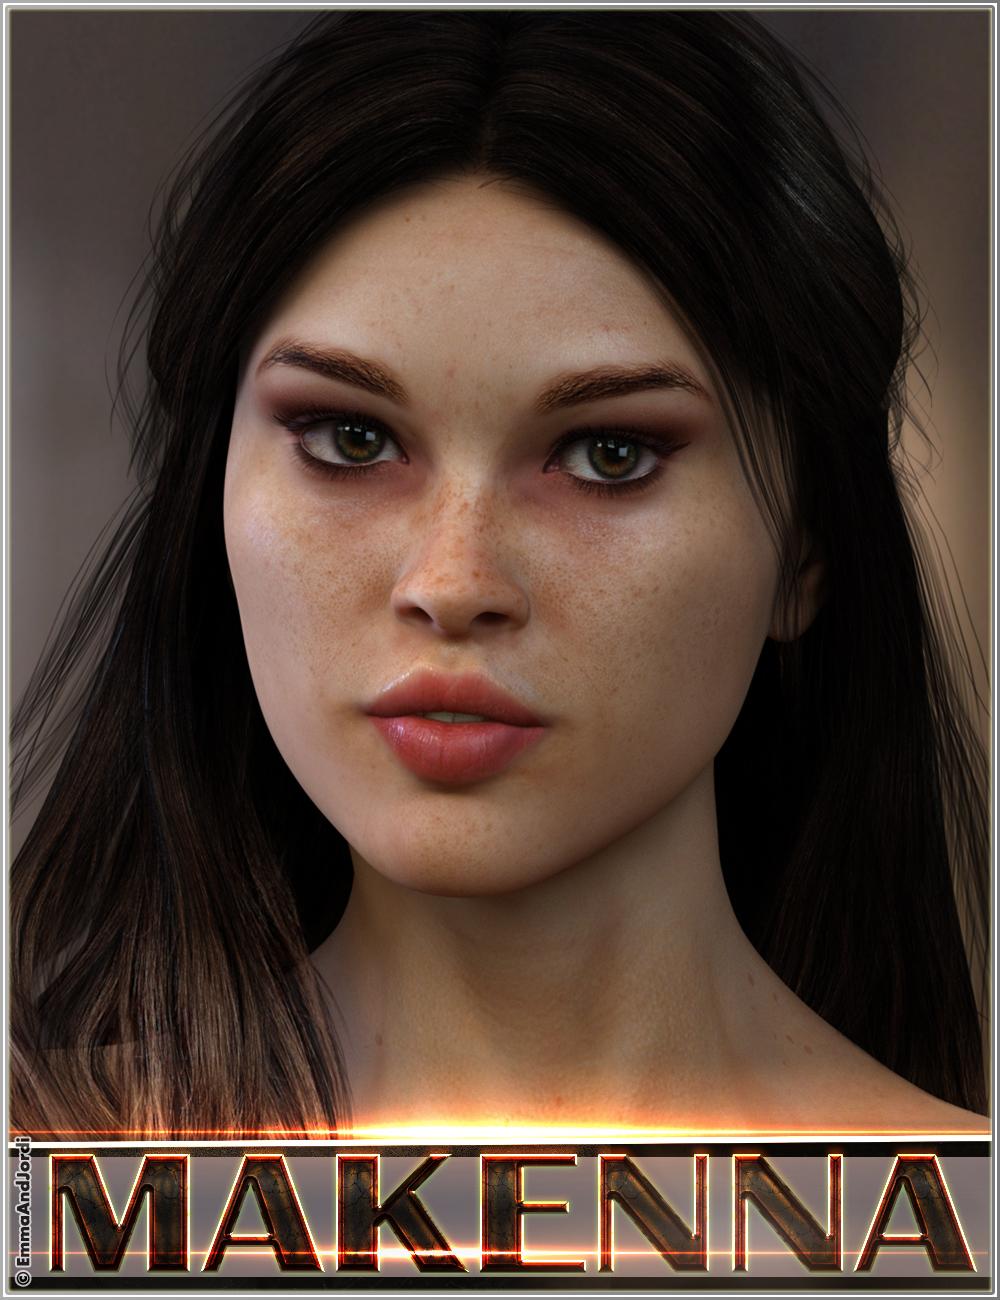 EJ Makenna For Genesis 8 Female by: EmmaAndJordi, 3D Models by Daz 3D